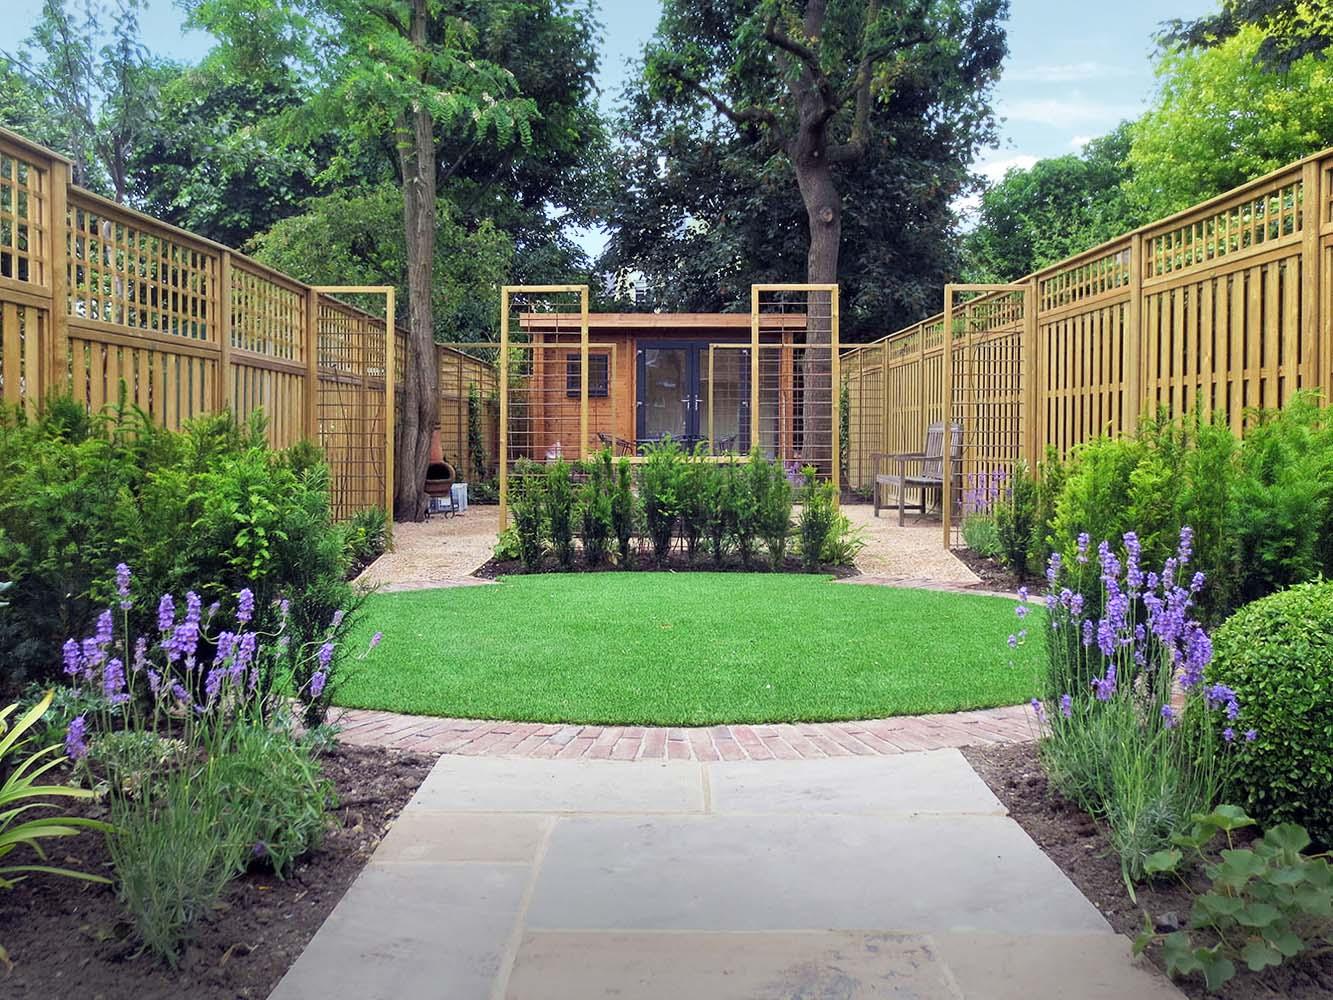 Feverfew_Garden_Design_001.jpg